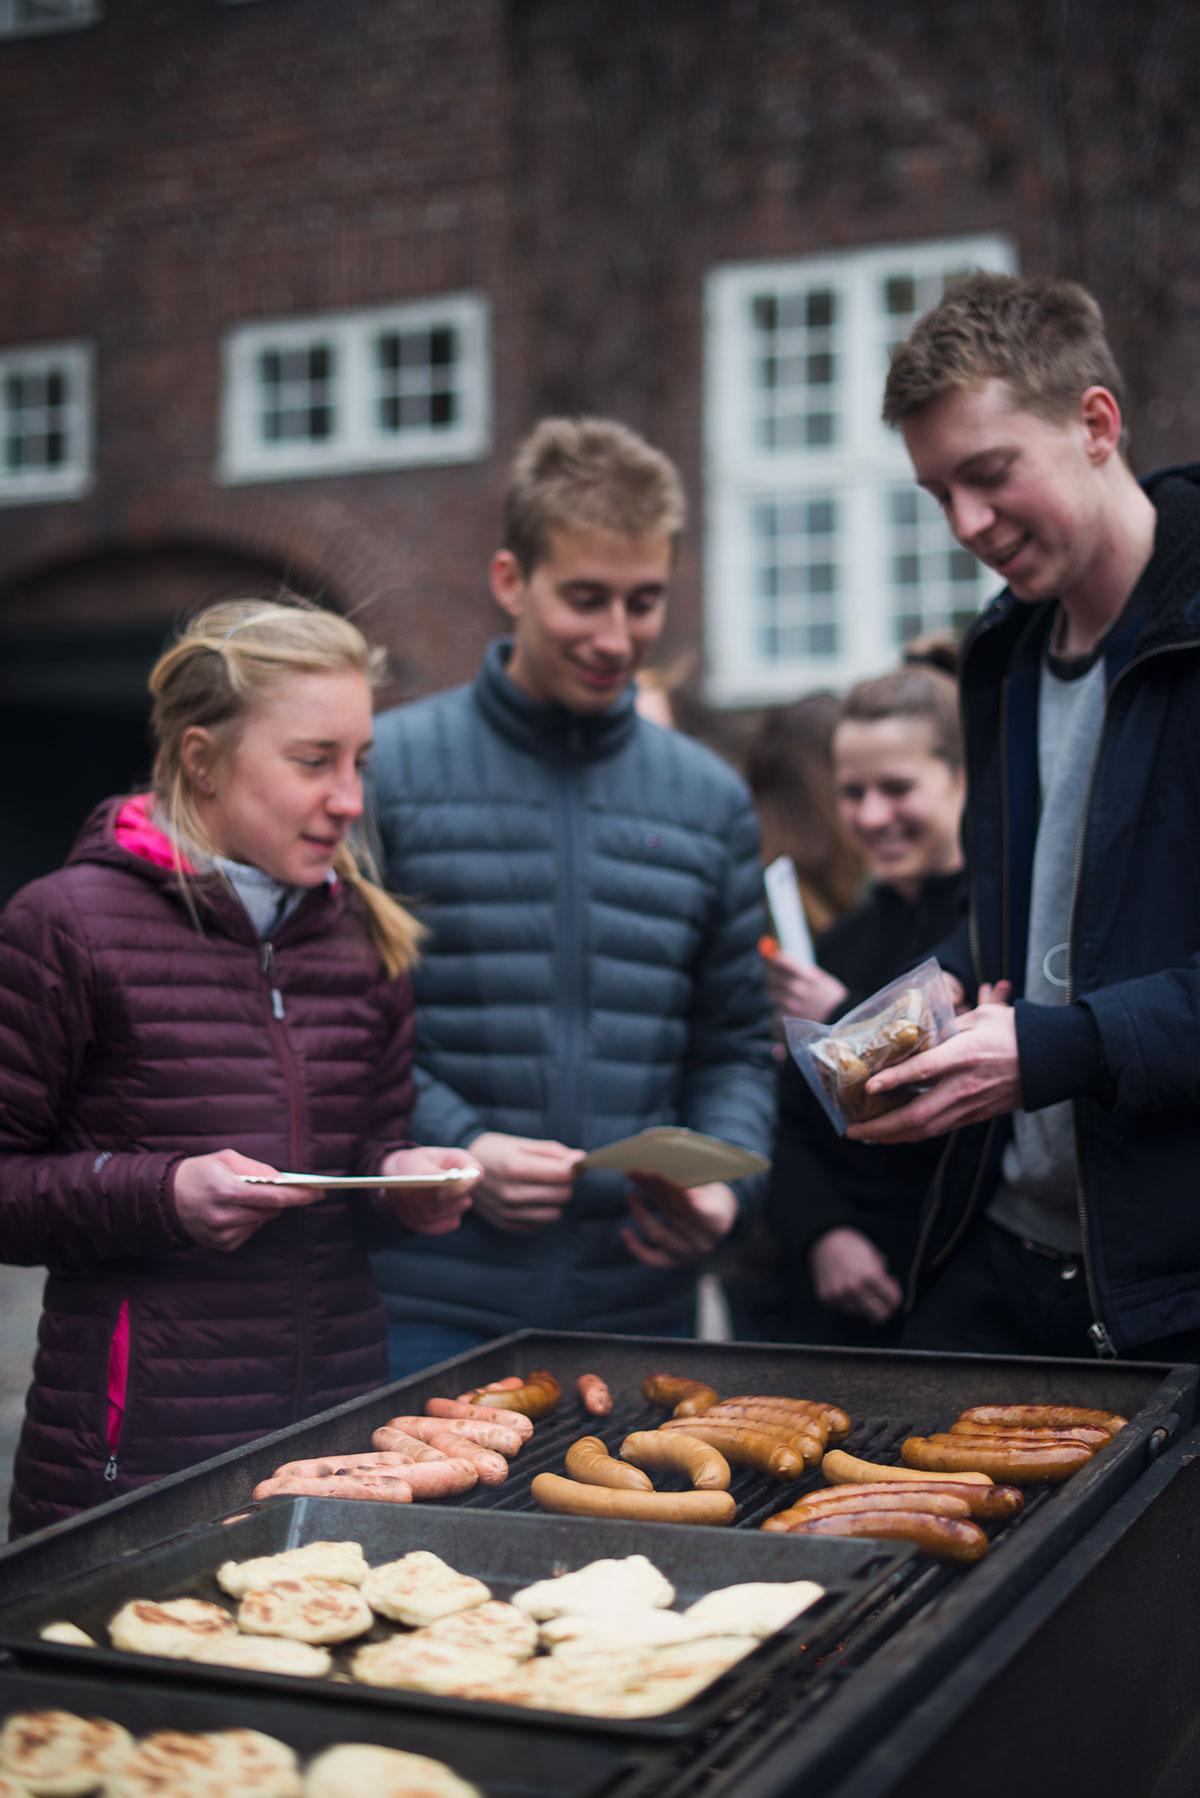 Tilbehør til hotdogs | Frk. Kræsen